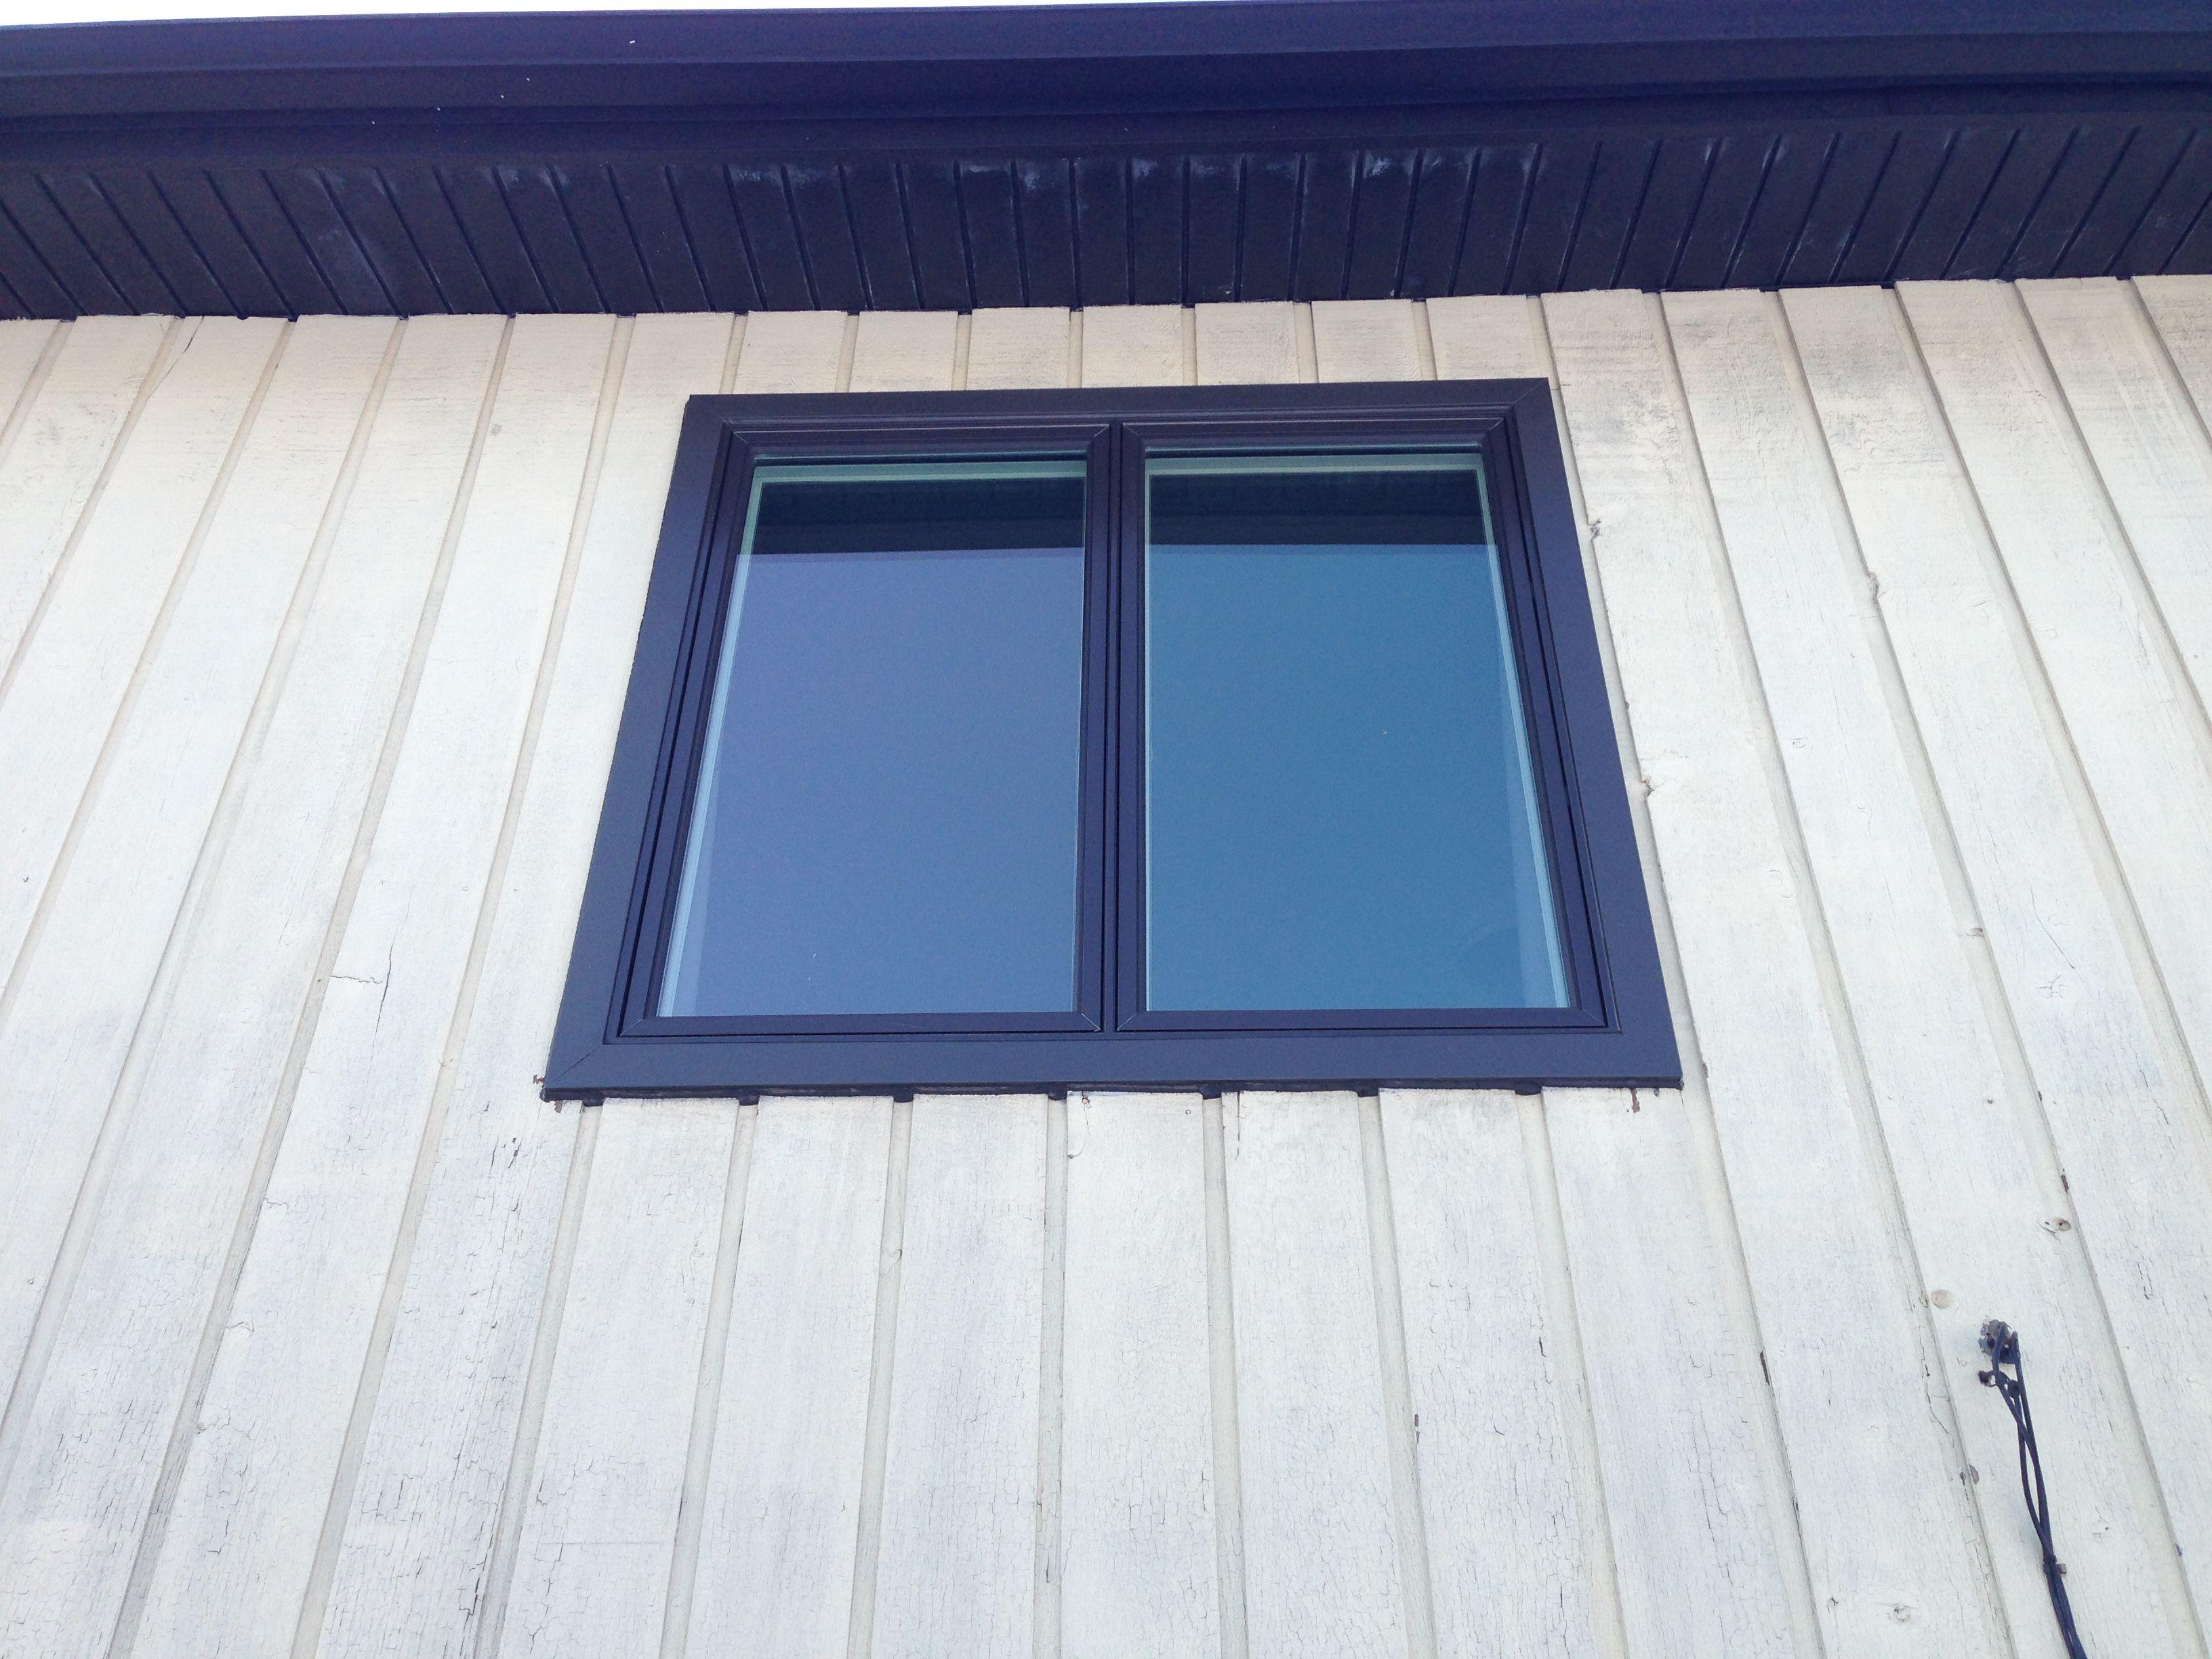 Andersen 400 series windows dark bronze andersen for Andersen window 400 series